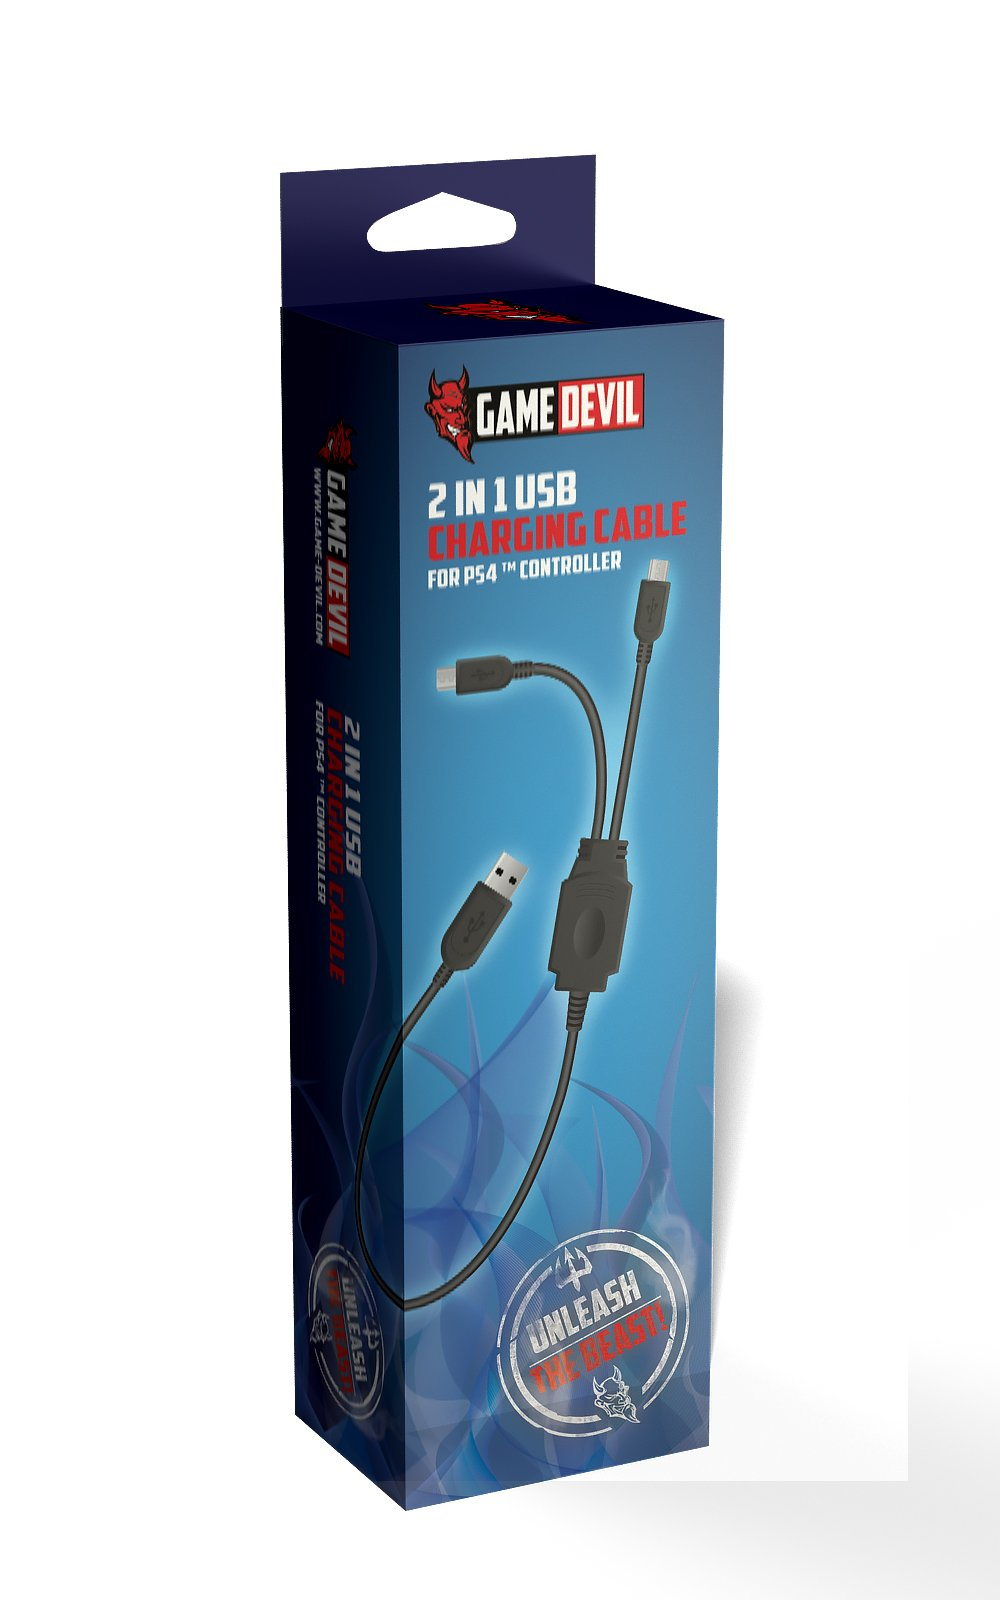 Game Devil 2 in 1 USB Charging Cabel